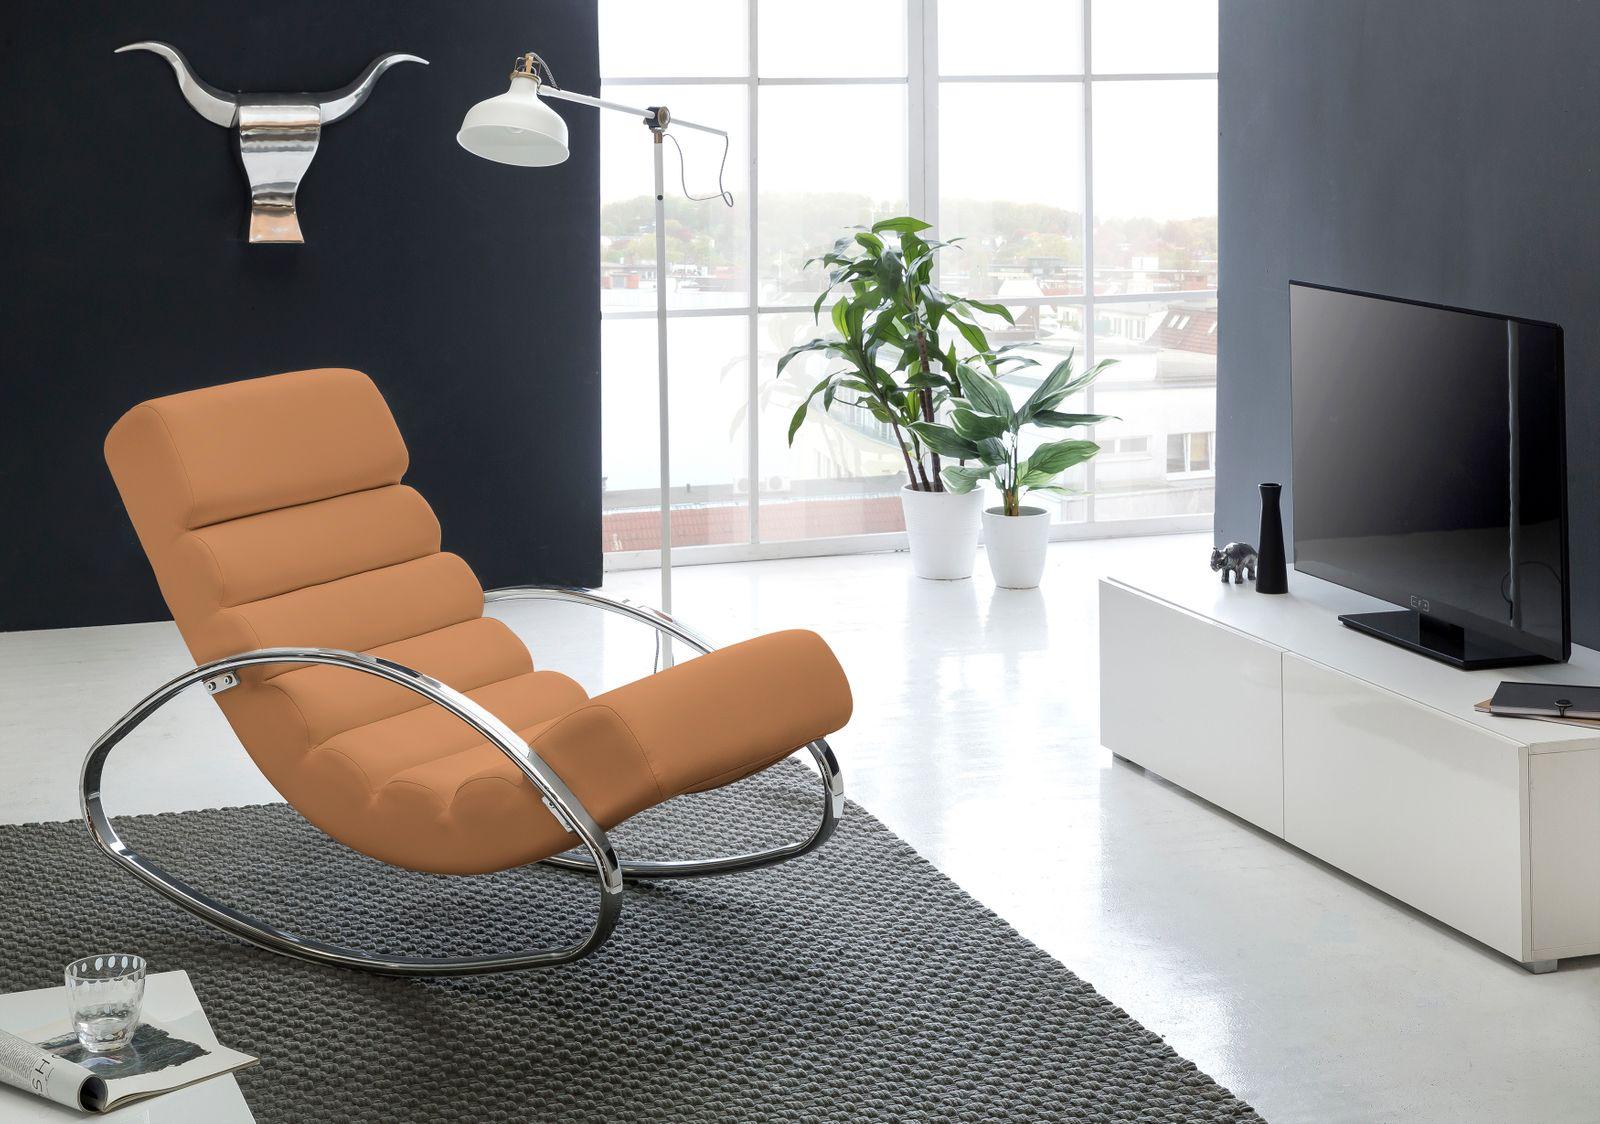 Full Size of Relaxliege Modern Sessel Fernsehsessel Farbe Online Kaufen Deckenlampen Wohnzimmer Bett Design Tapete Küche Modernes Sofa Esstisch Moderne Esstische Duschen Wohnzimmer Relaxliege Modern